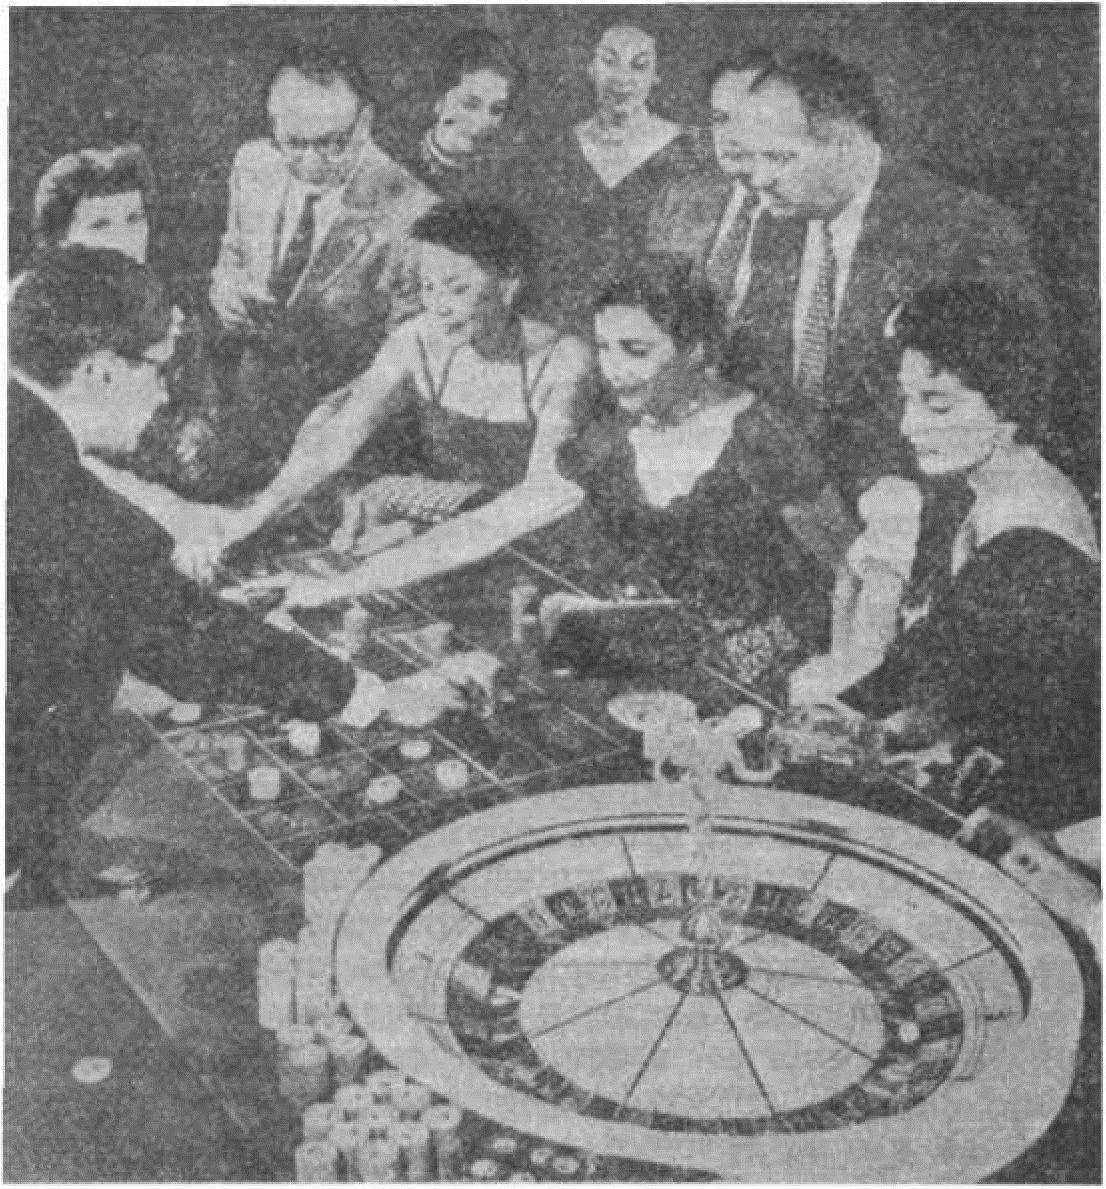 где в париже казино